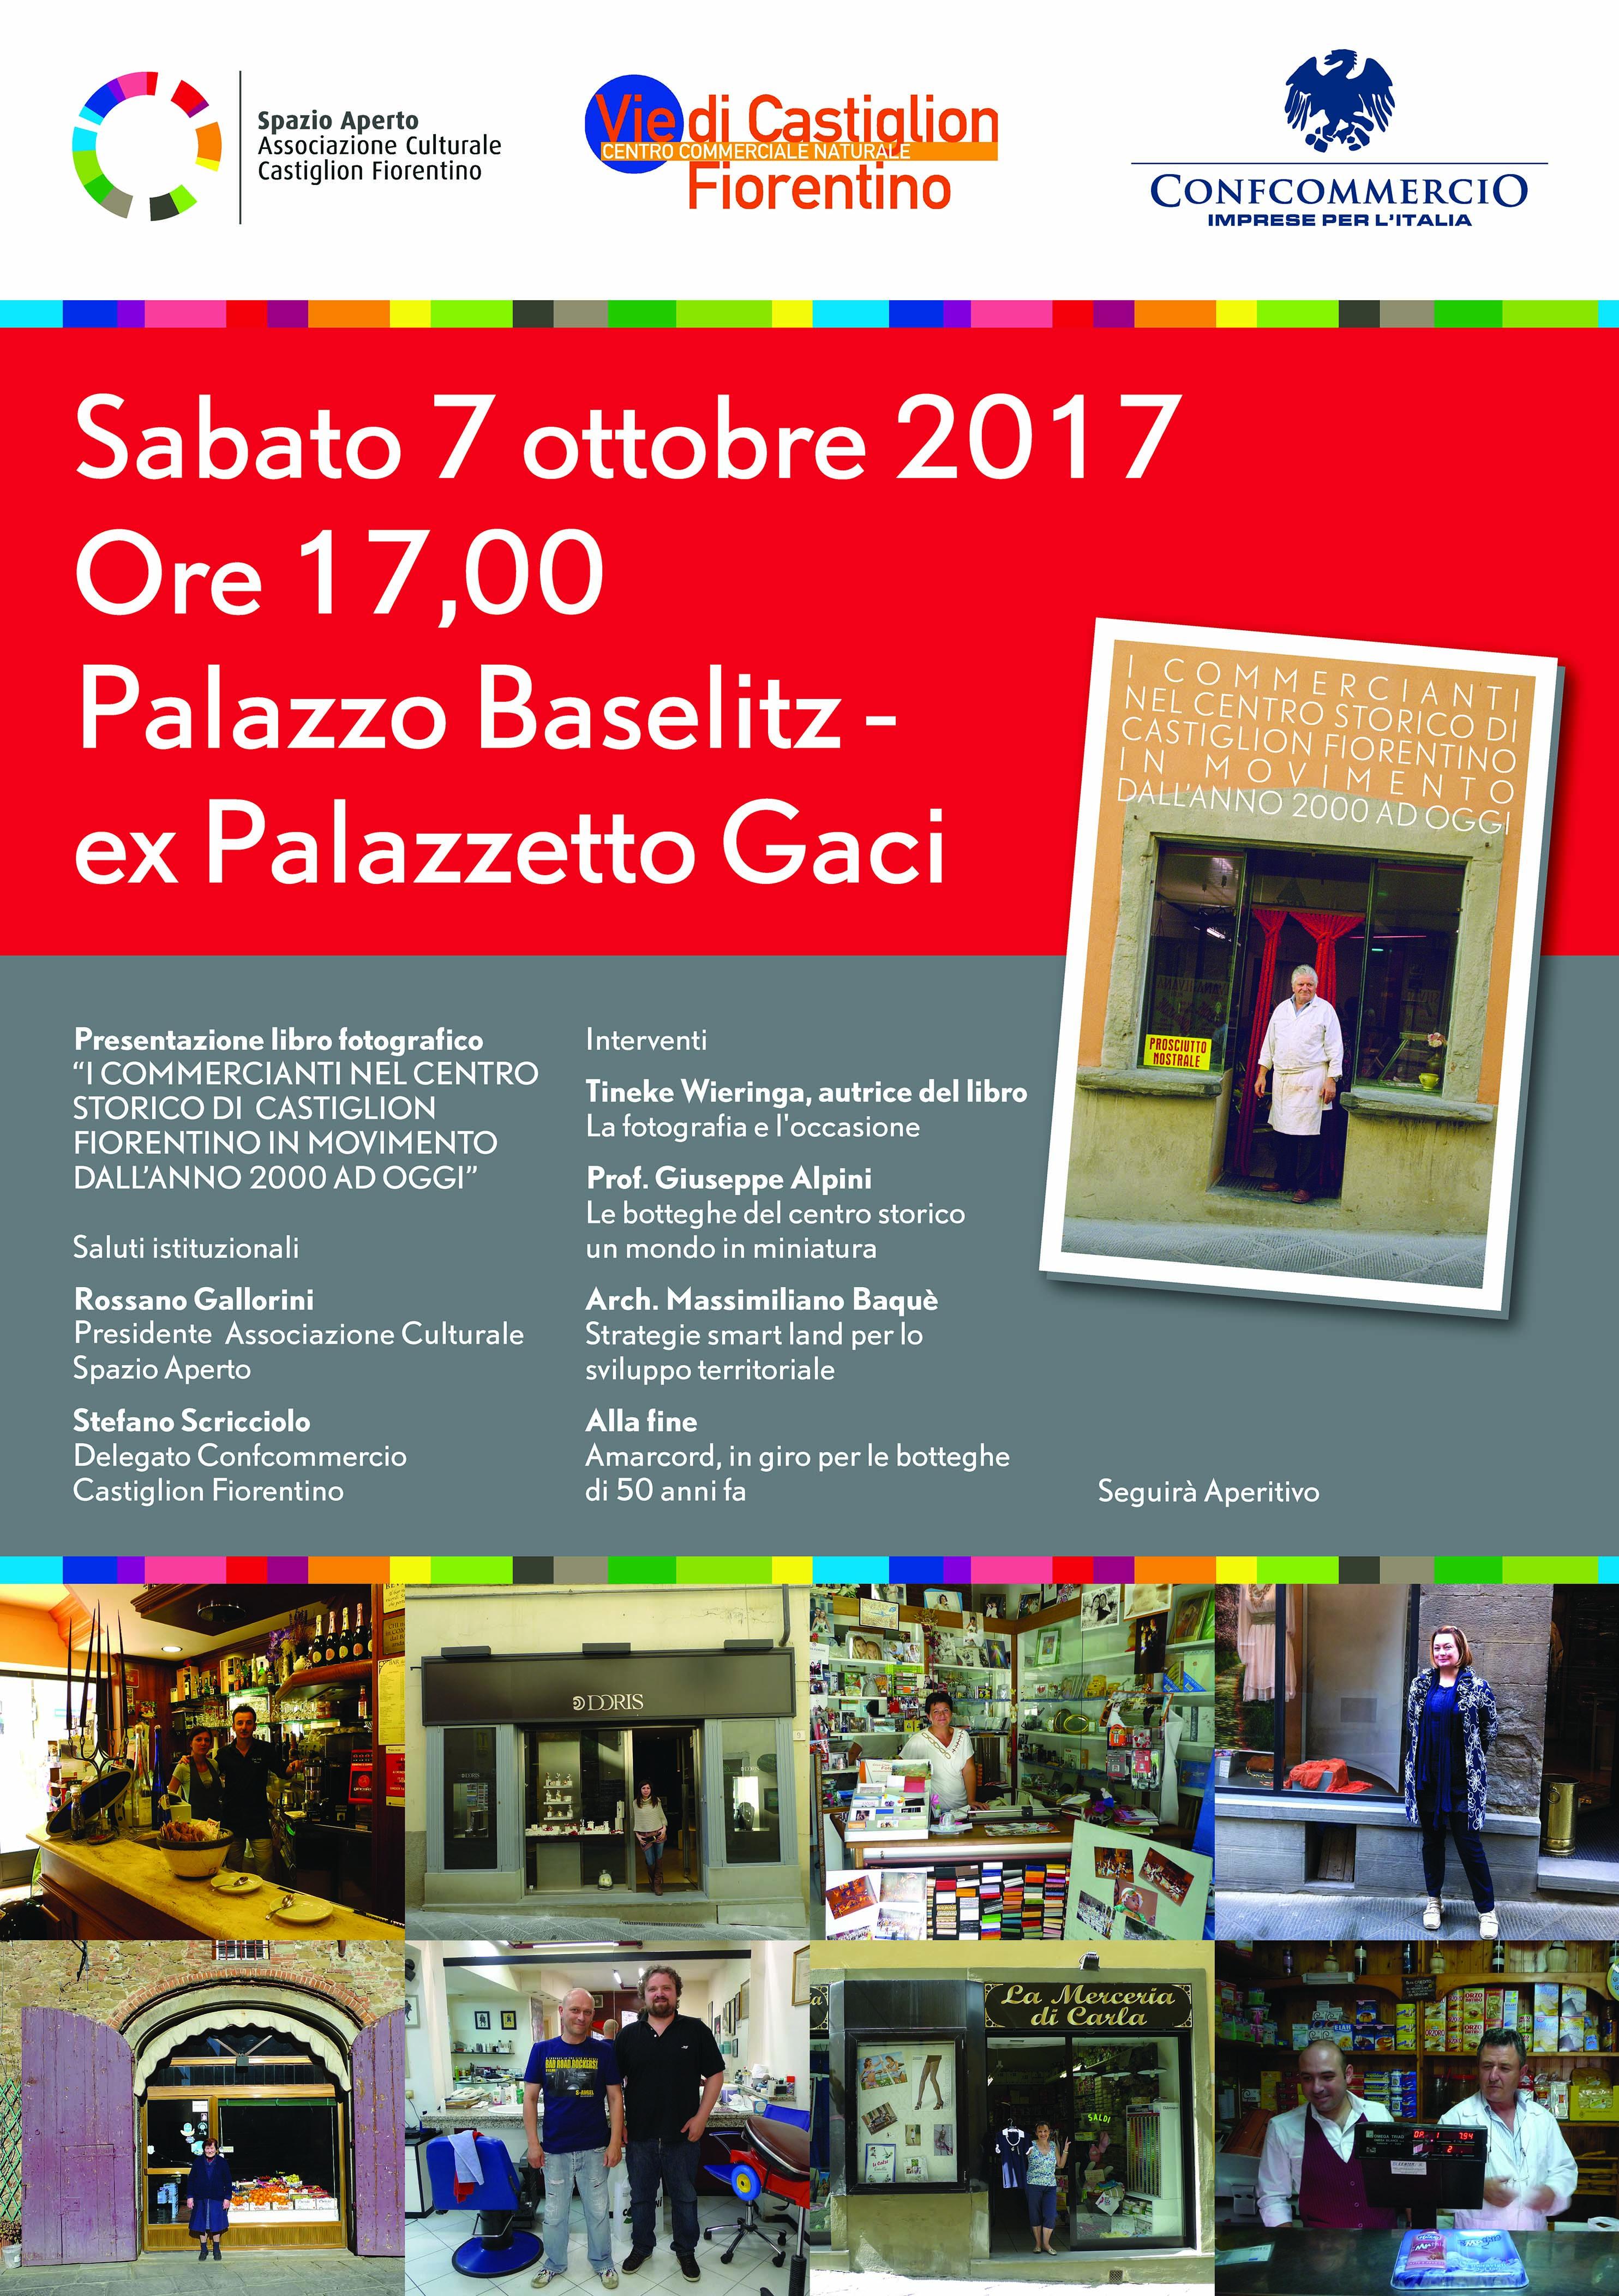 I commercianti del centro storico di Castiglioni in movimento dall'anno 2000 ad oggi